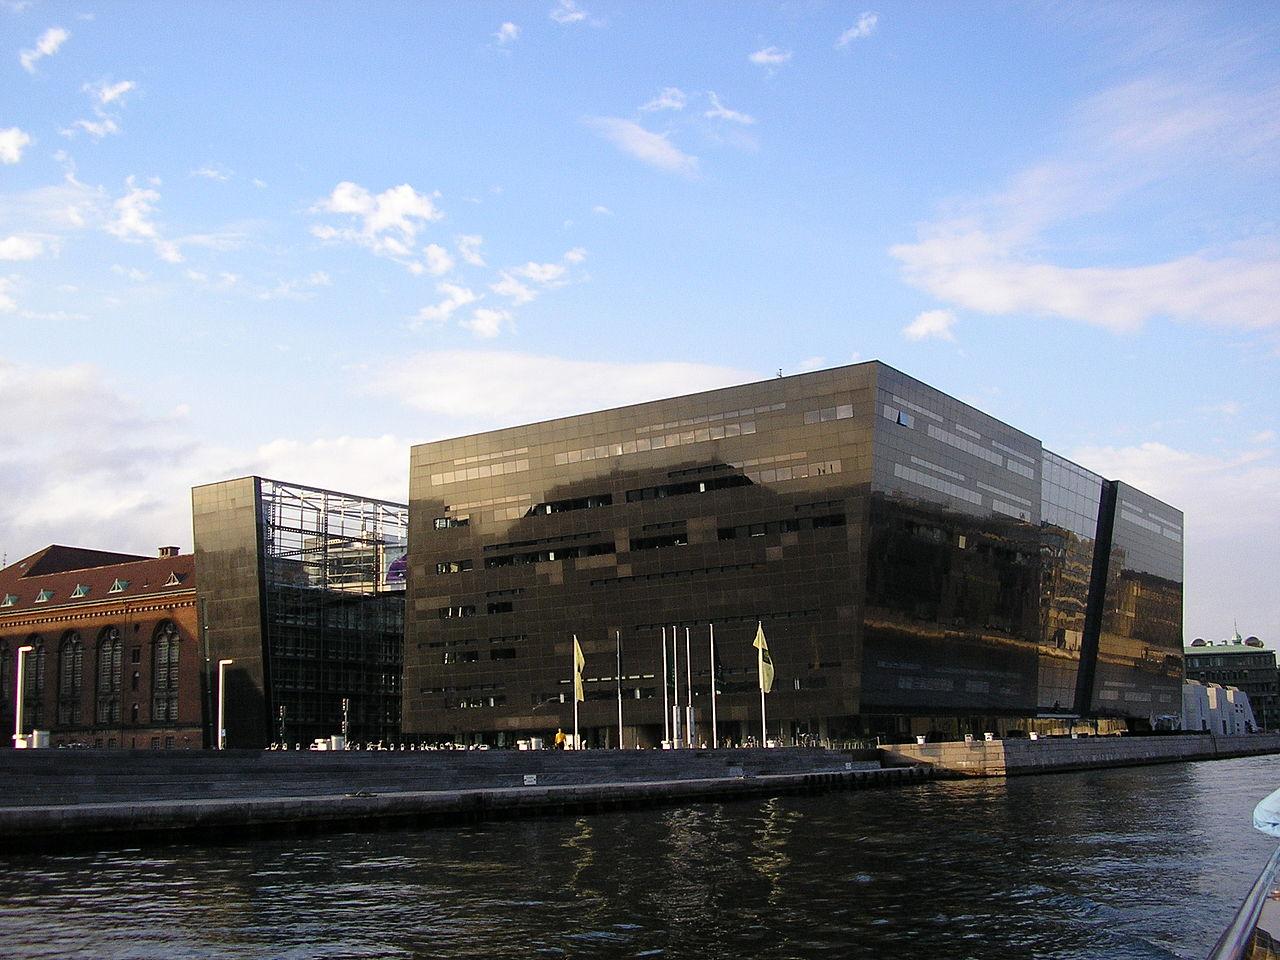 Королевская библиотека Дании в Копенгагене